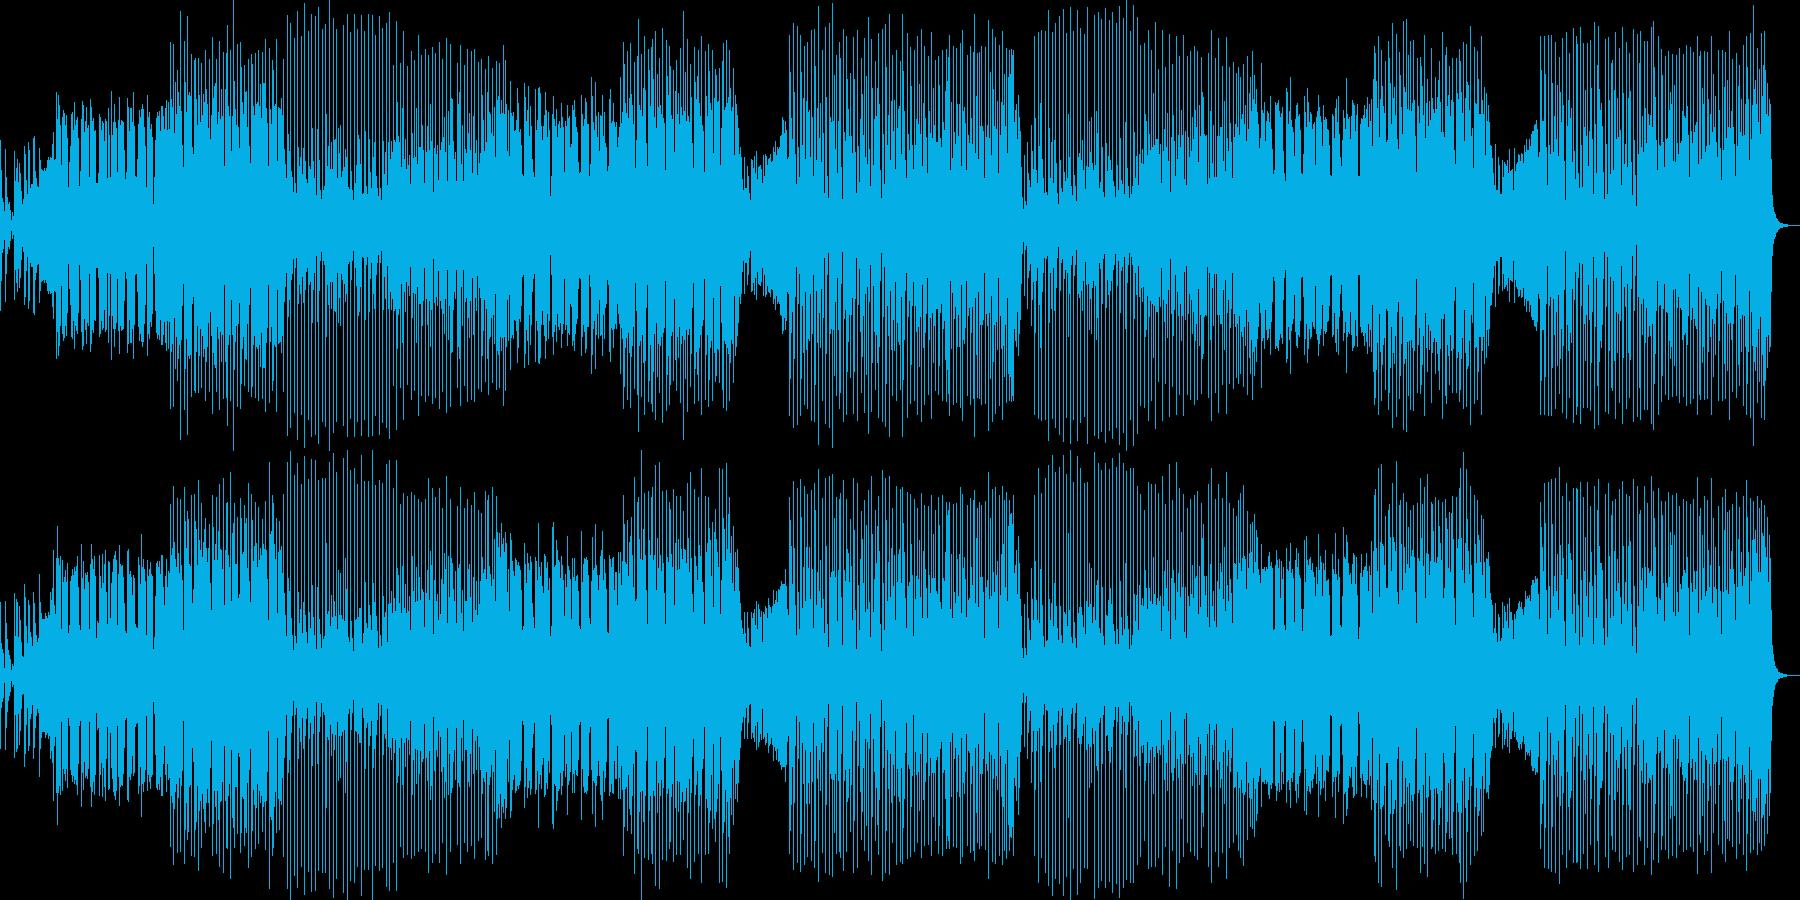 クラブ系ダンスミュージック/EDMの再生済みの波形